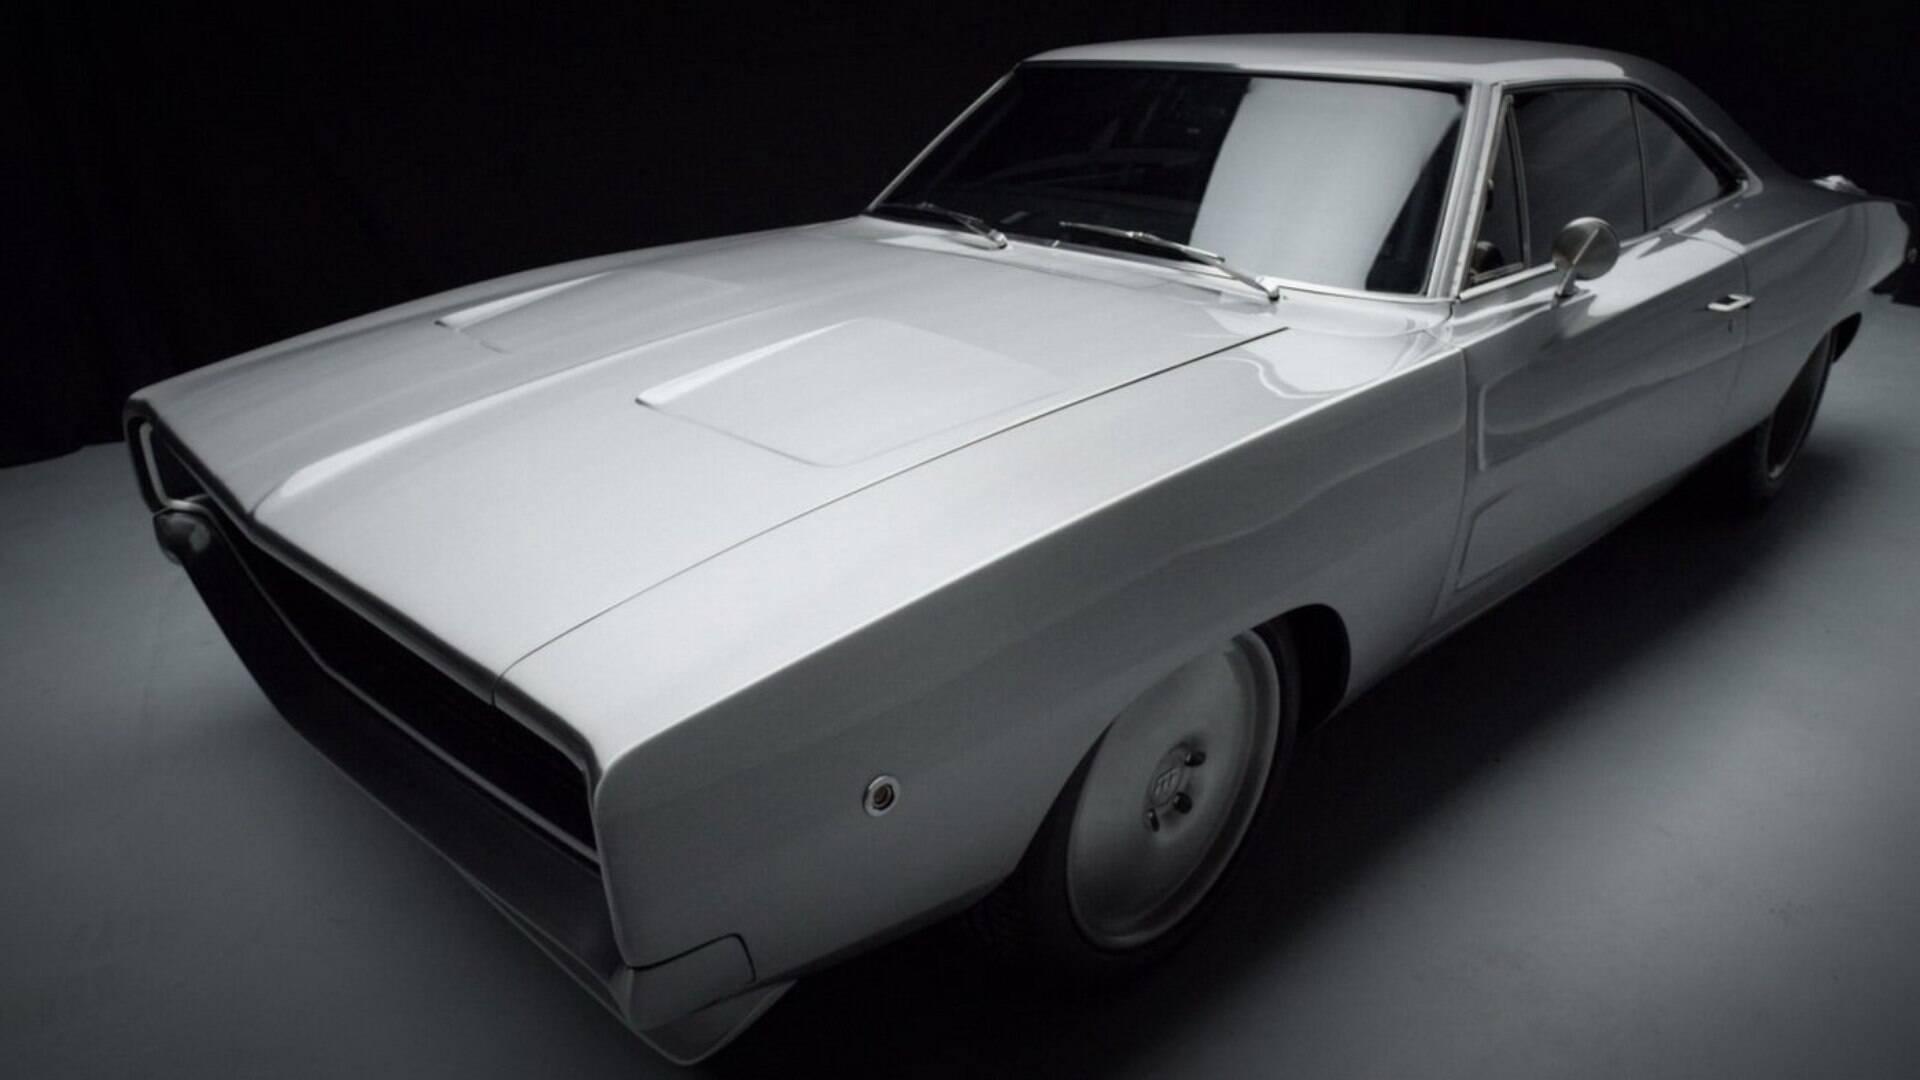 Dodge Charger De Toretto De Velozes E Furiosos 7 Vai A Leilao